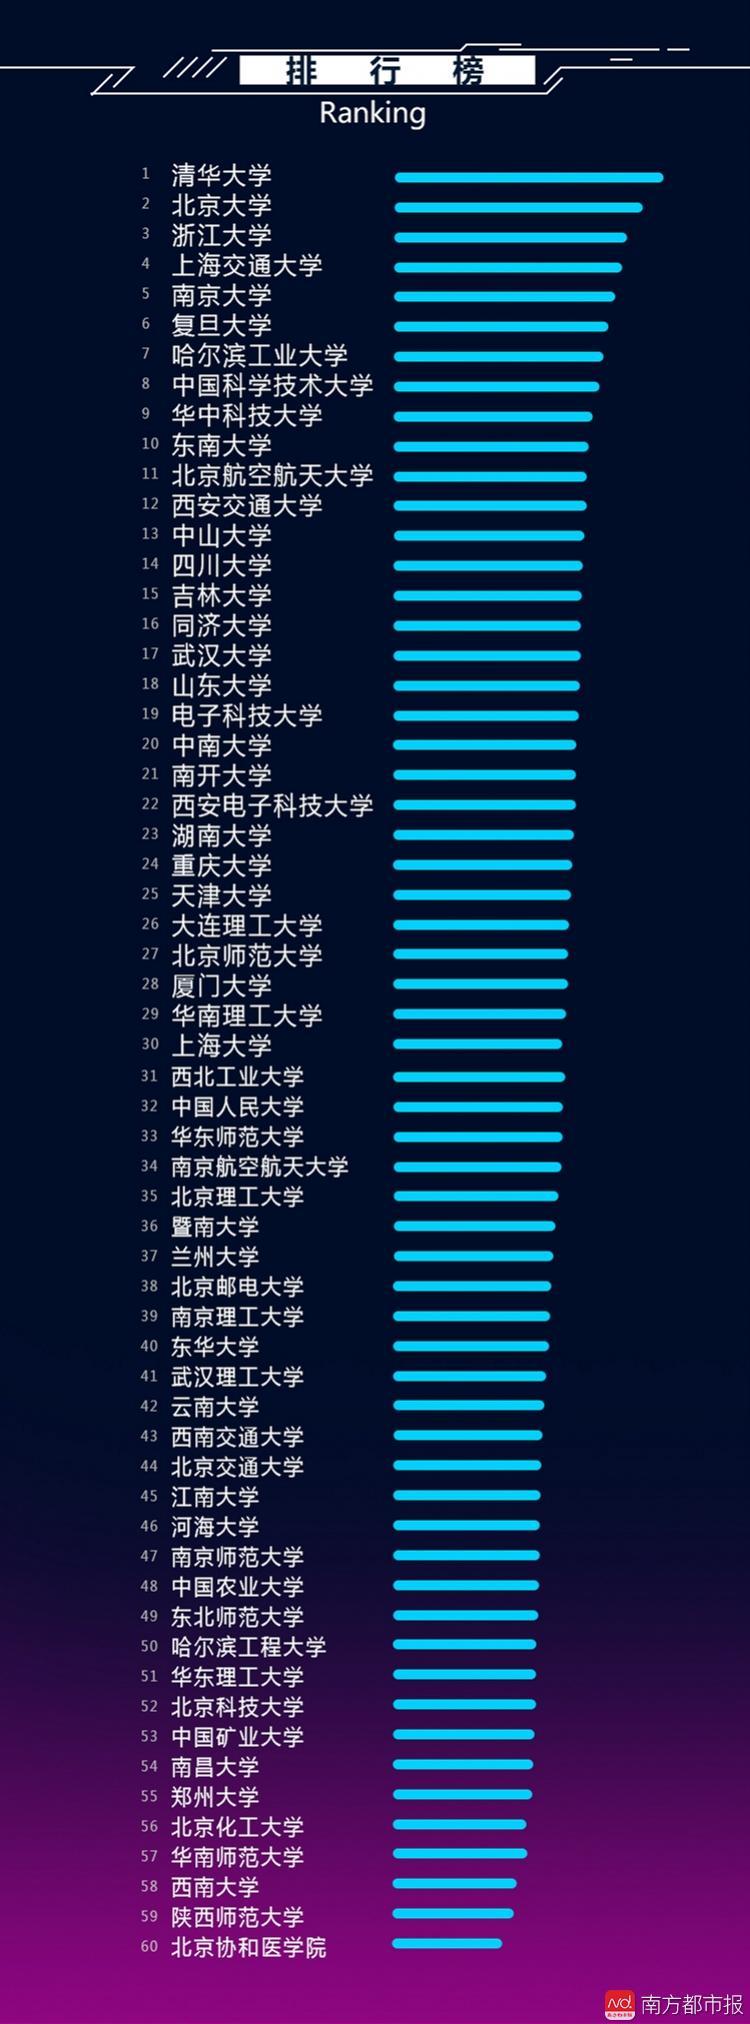 中国大学人工智能(AI)实力排行榜TOP60 AI百科 第2张